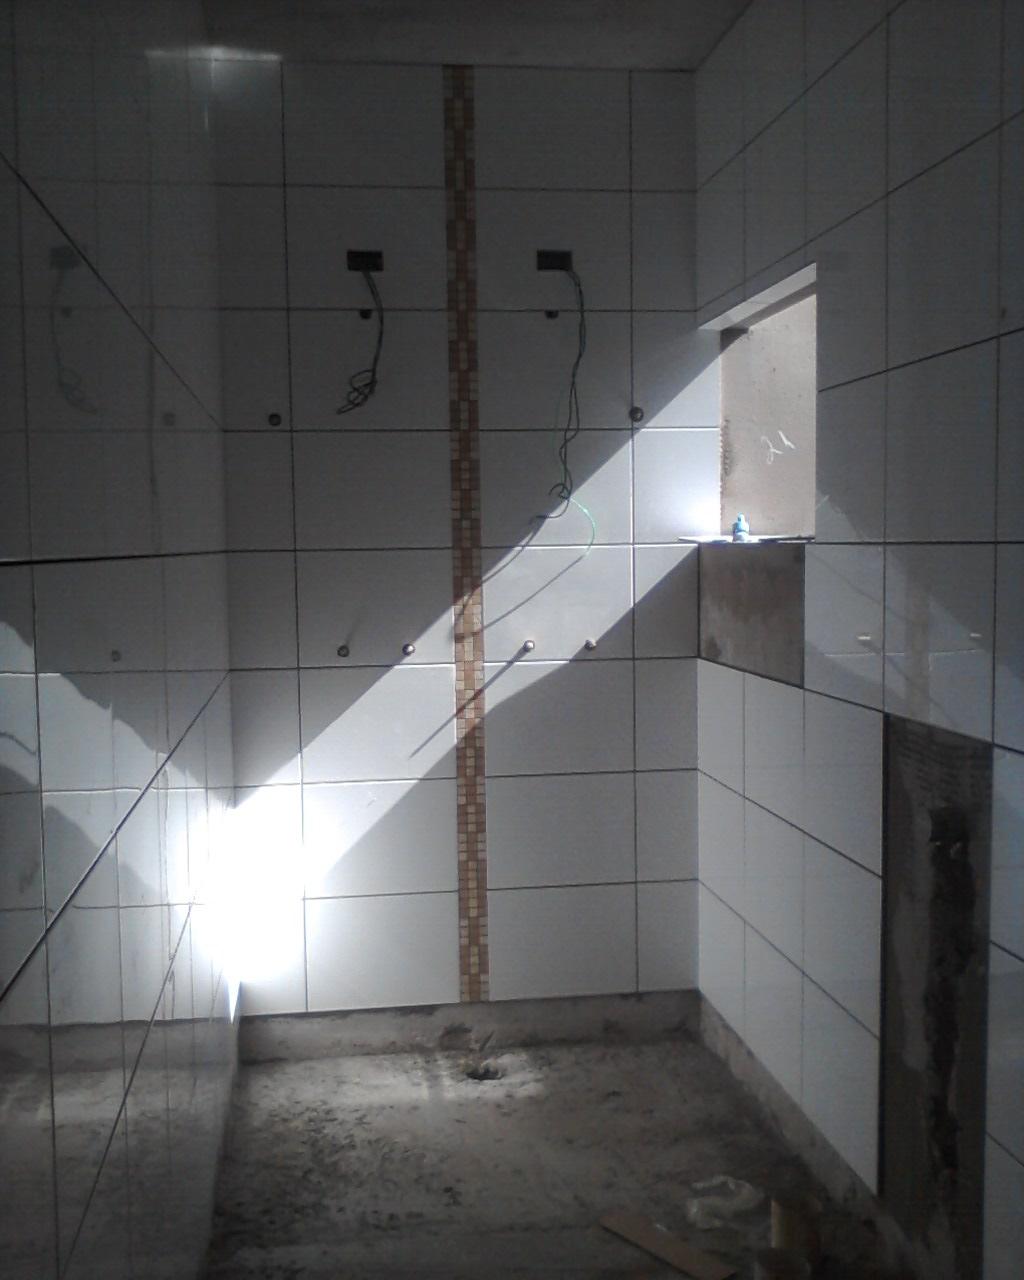 acabamento dos banheiros com pastilhas de porcelanato no banheiro  #5C666F 1024x1280 Banheiro Acabamento Pastilhas